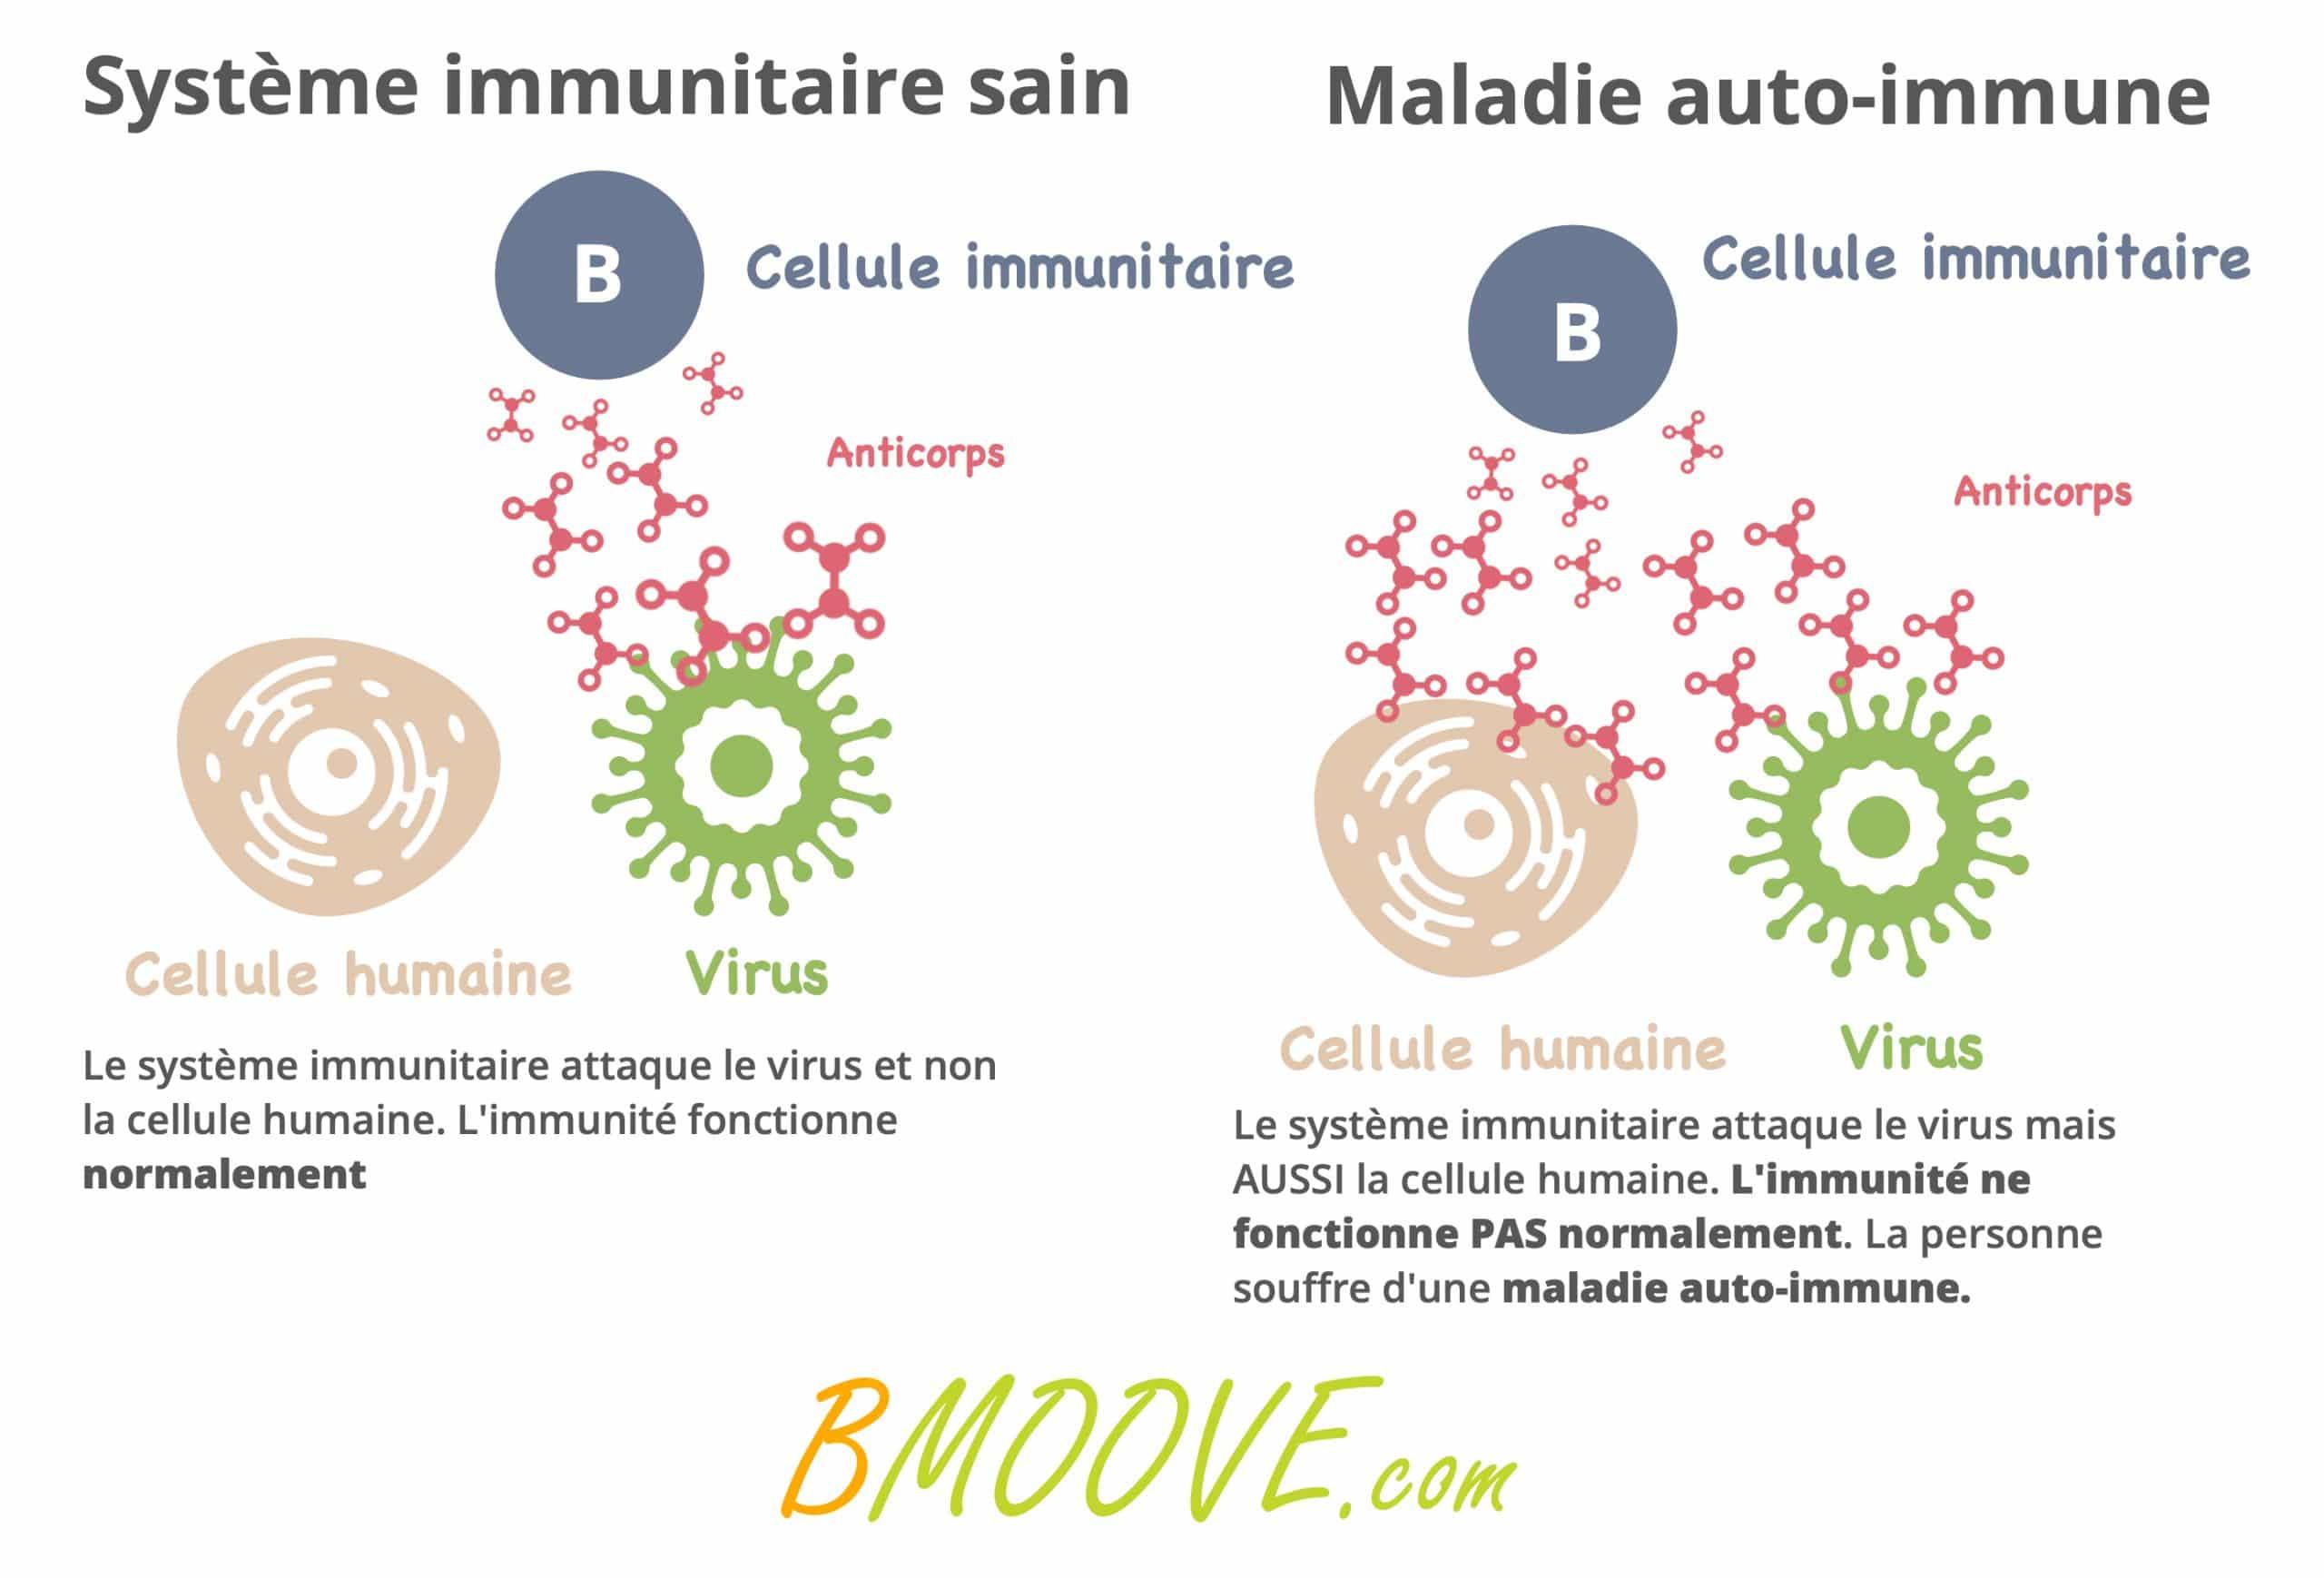 différence système immunitaire sain et maladie auto immune